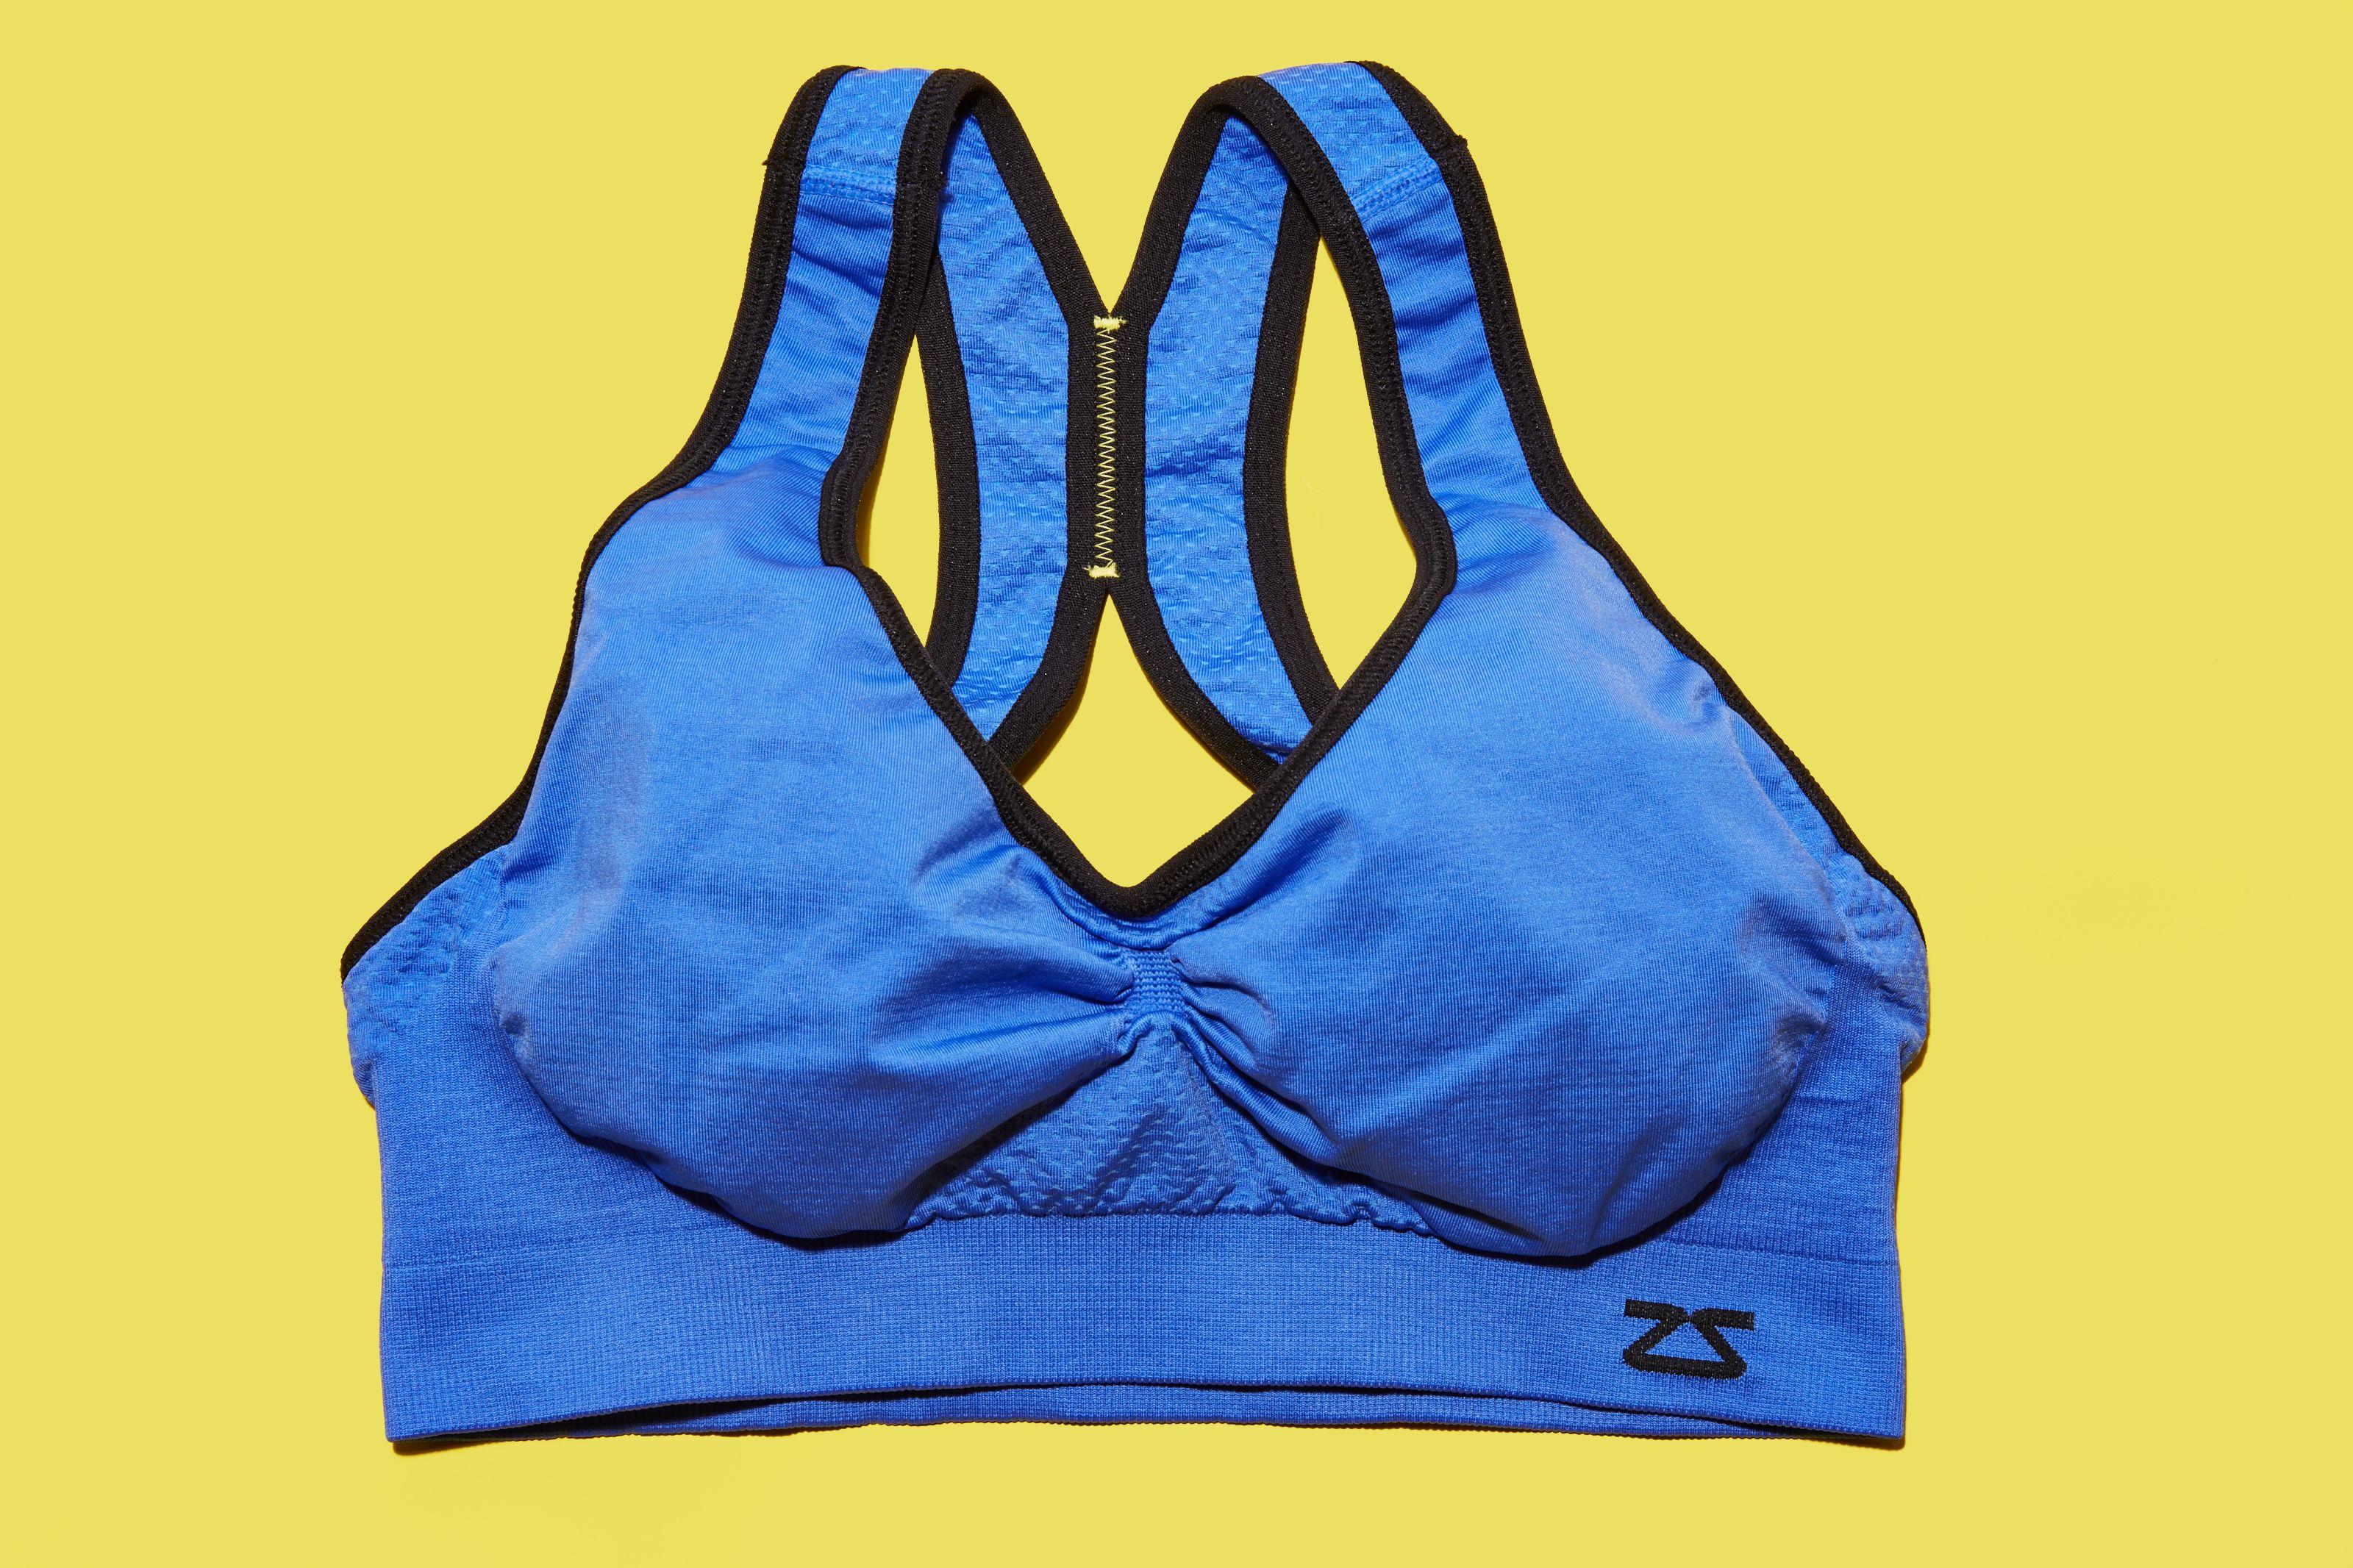 bc01d45477a25 Zensah Gazelle Sports Bra - High Support Sports Bra for Runners